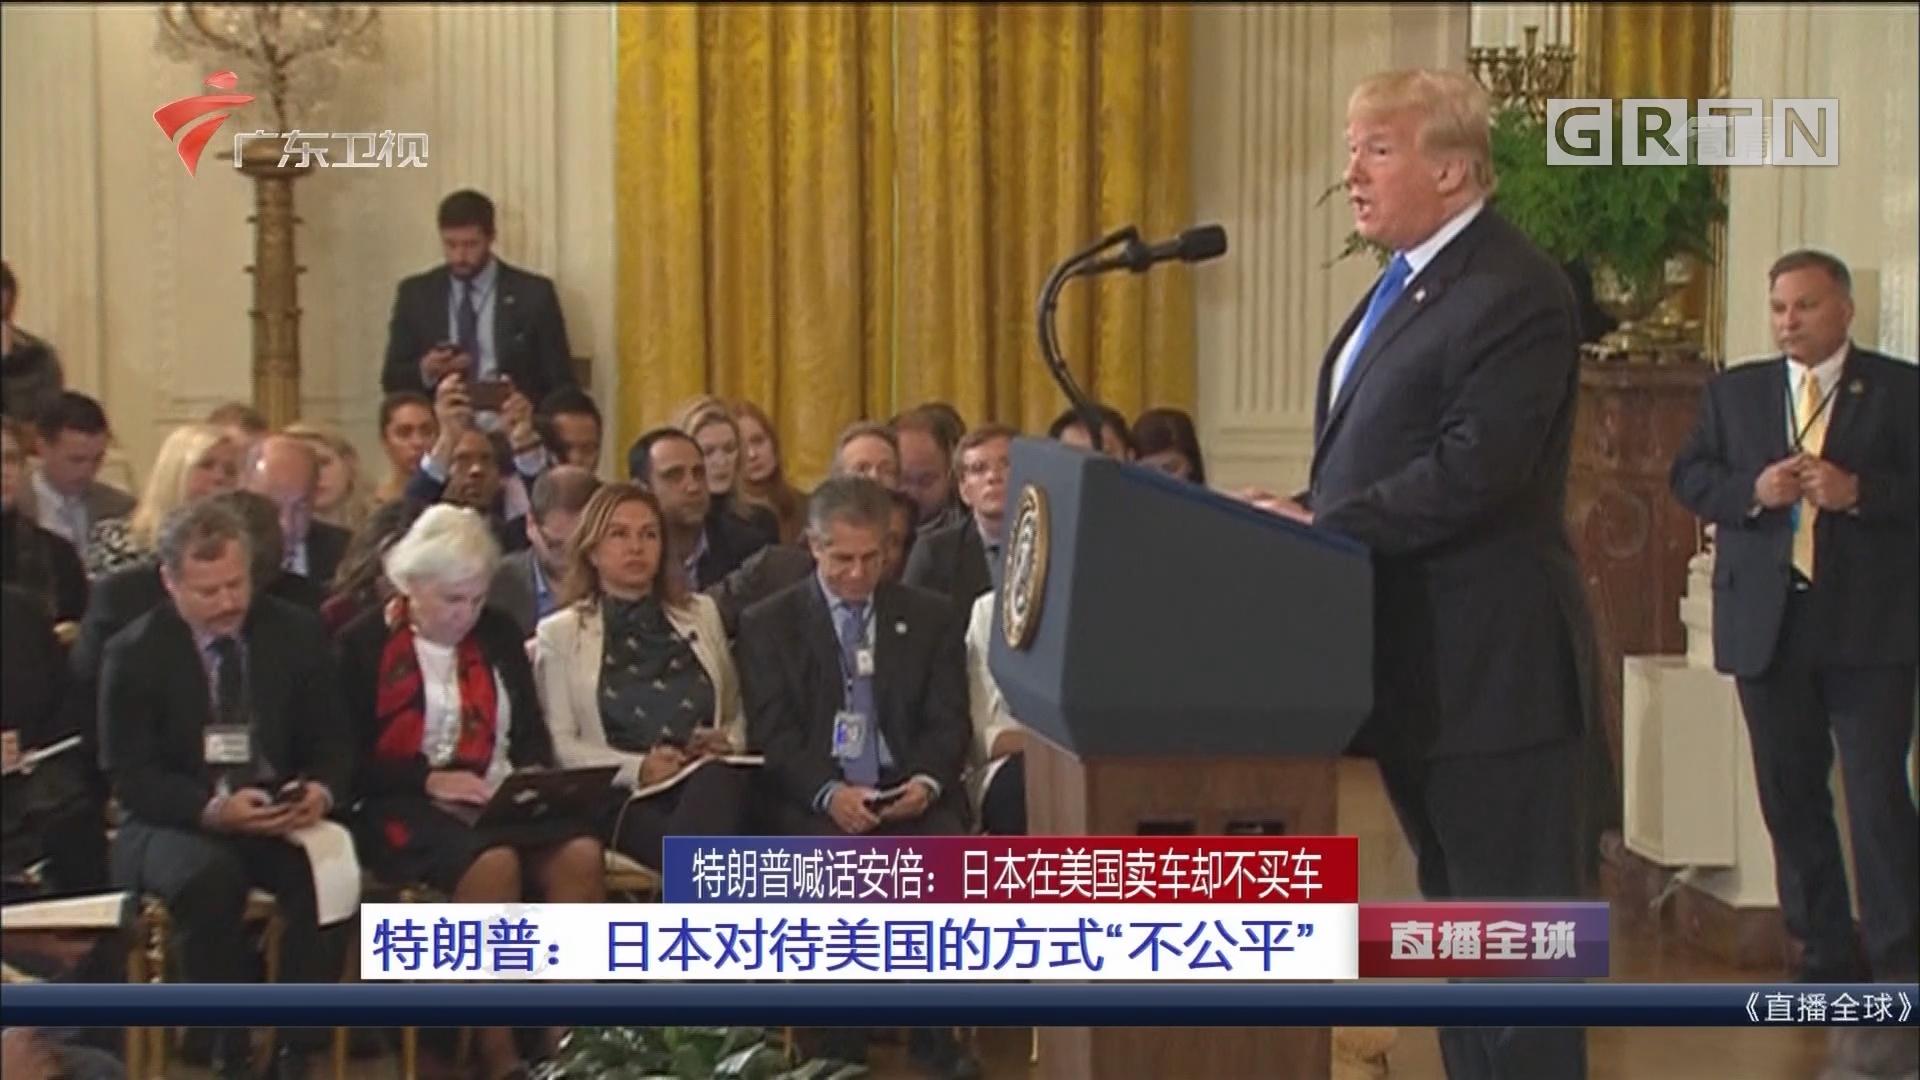 """特朗普喊话安倍:日本在美国卖车却不买车 特朗普:日本对待美国的方式""""不公平"""""""